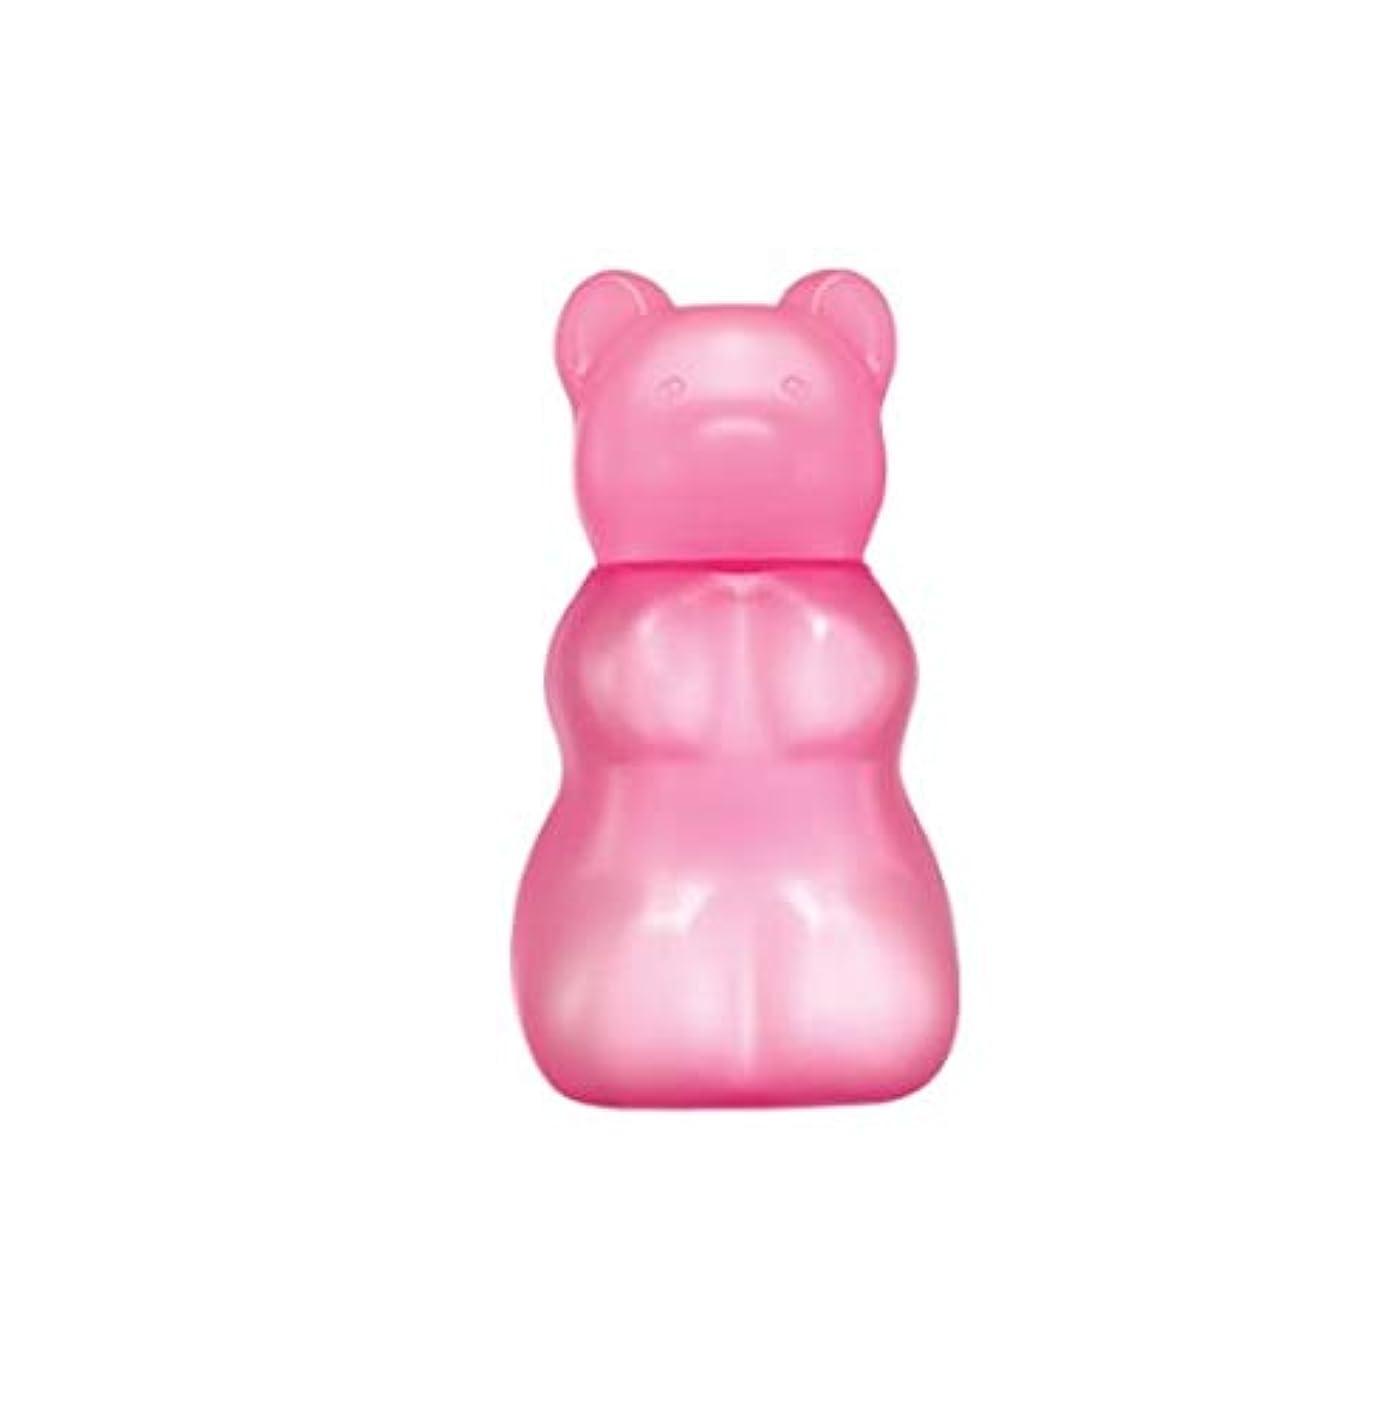 賭け着るシリーズSkinfood グミベアゼリークリーンジェル(アップル)#ラズベリー(ハンドジェル) / Gummy Bear Jelly Clean Gel (Apple) #Raspberry (Handgel) 45ml [並行輸入品]